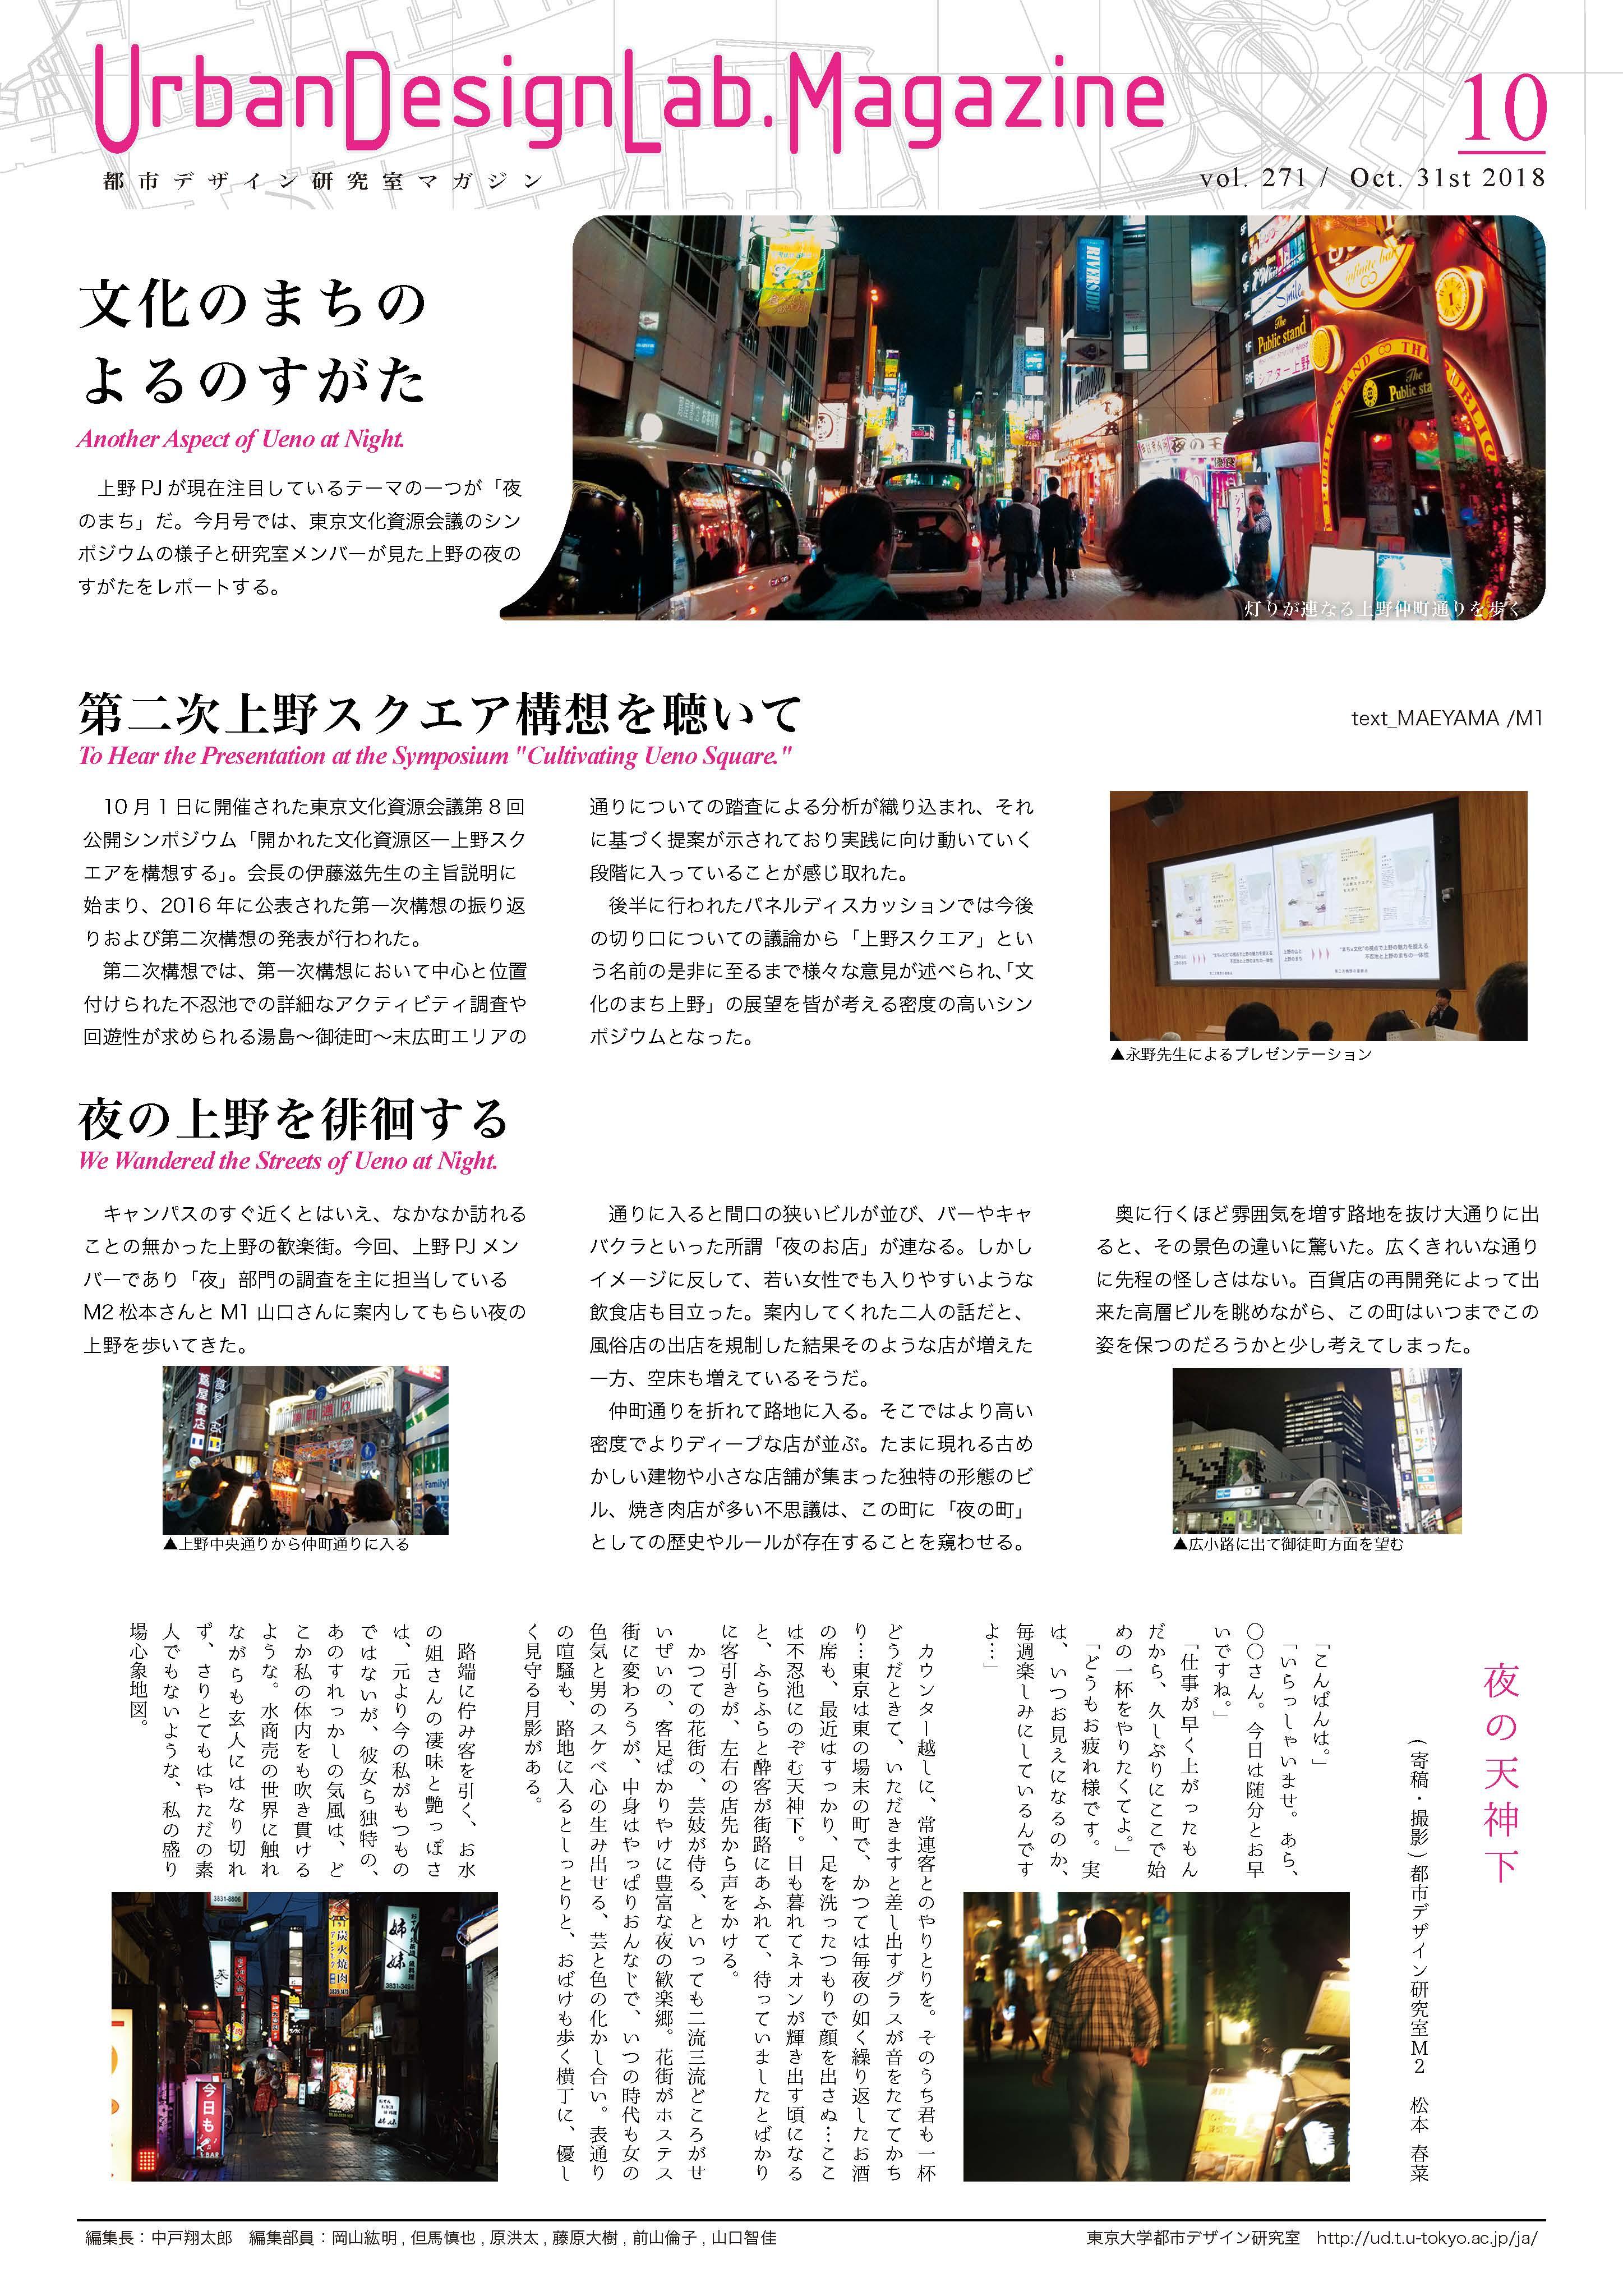 http://ud.t.u-tokyo.ac.jp/blog/_images/271_%E3%83%9A%E3%83%BC%E3%82%B8_1.jpg